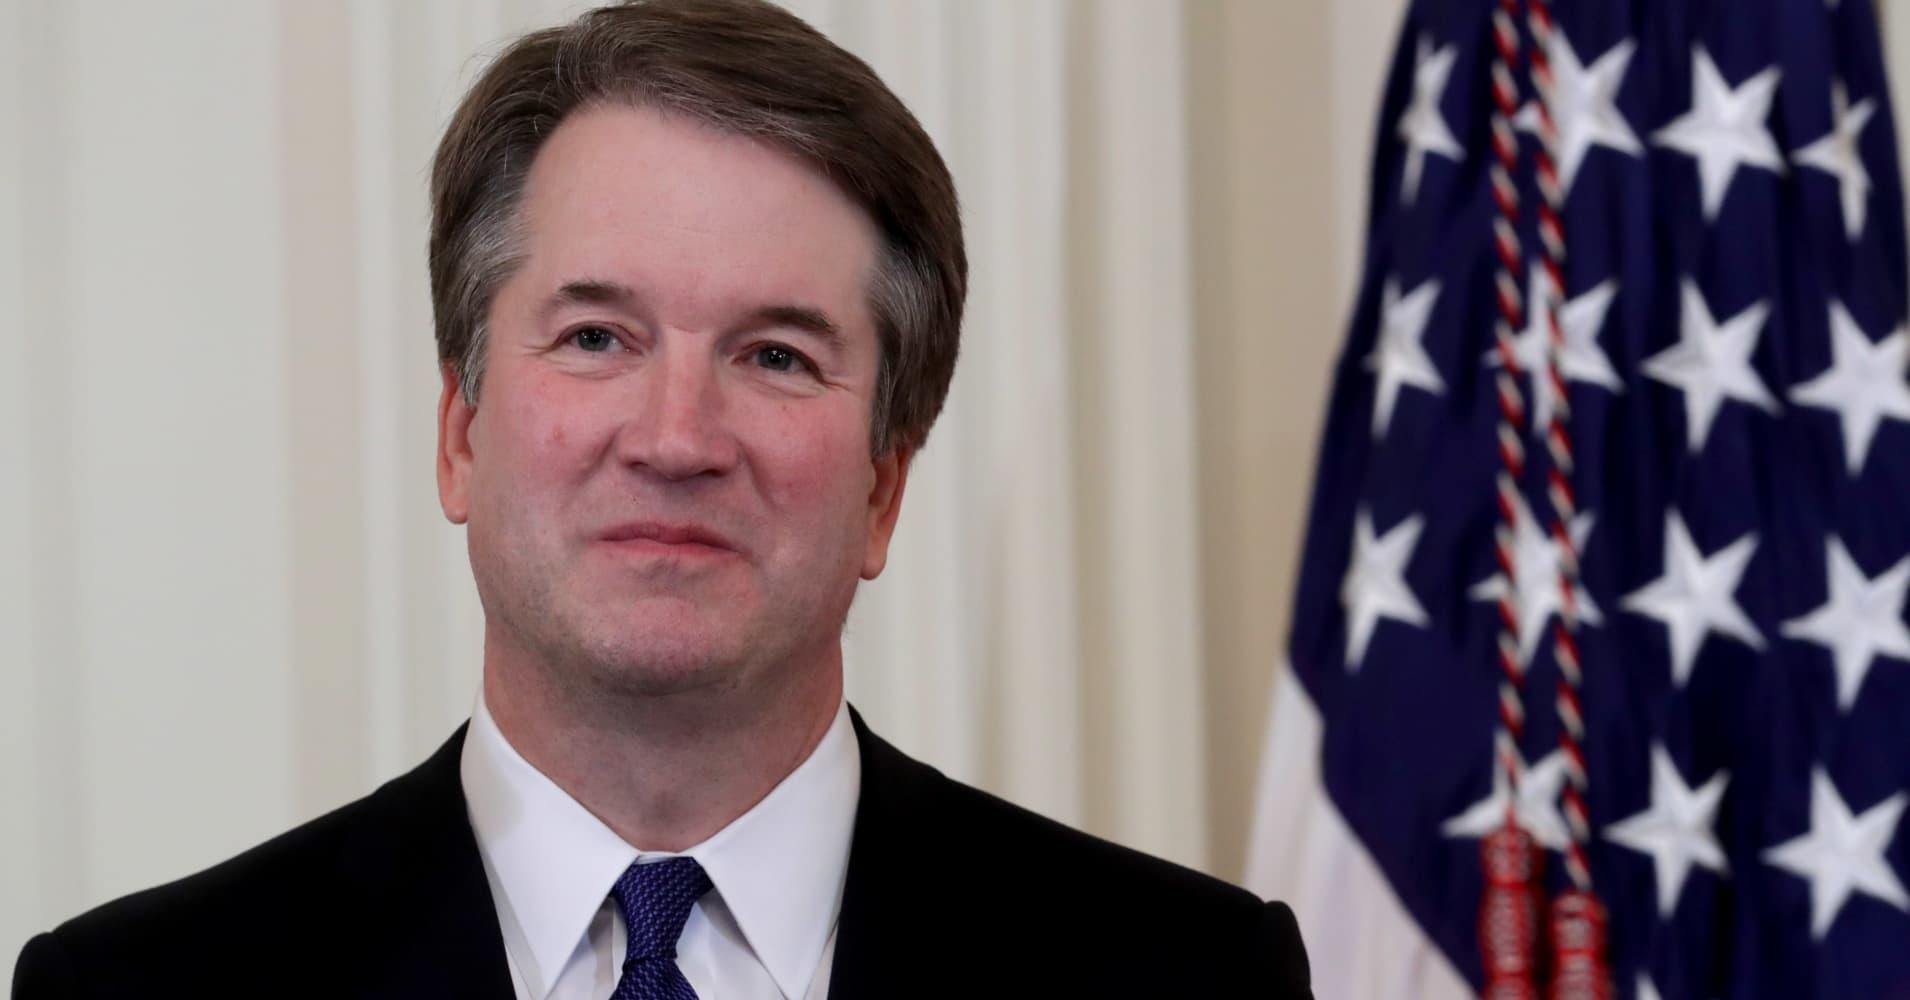 Supreme Court nominee Brett Kavanaugh racked up serious credit card debt. Don't be like Brett